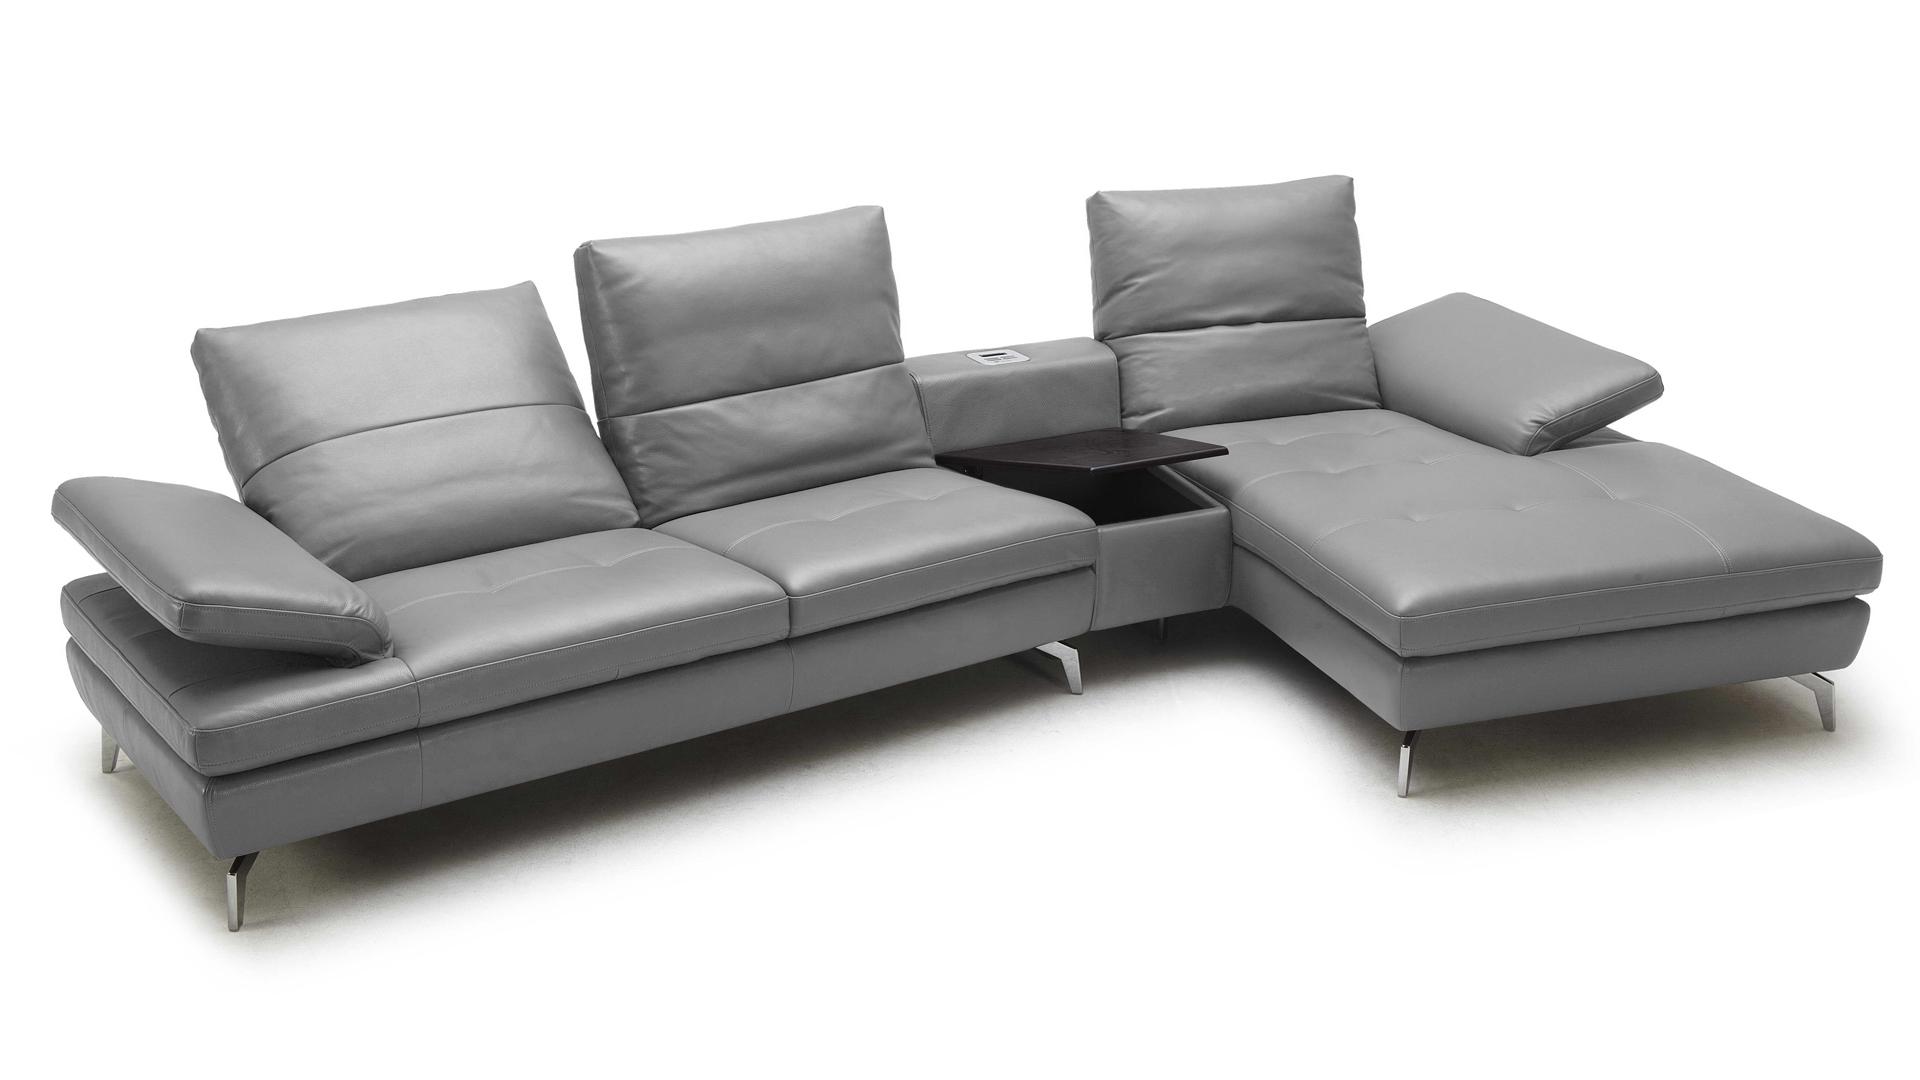 Canapé d angle cuir 3 places à 5 places Canapé d angle cuir